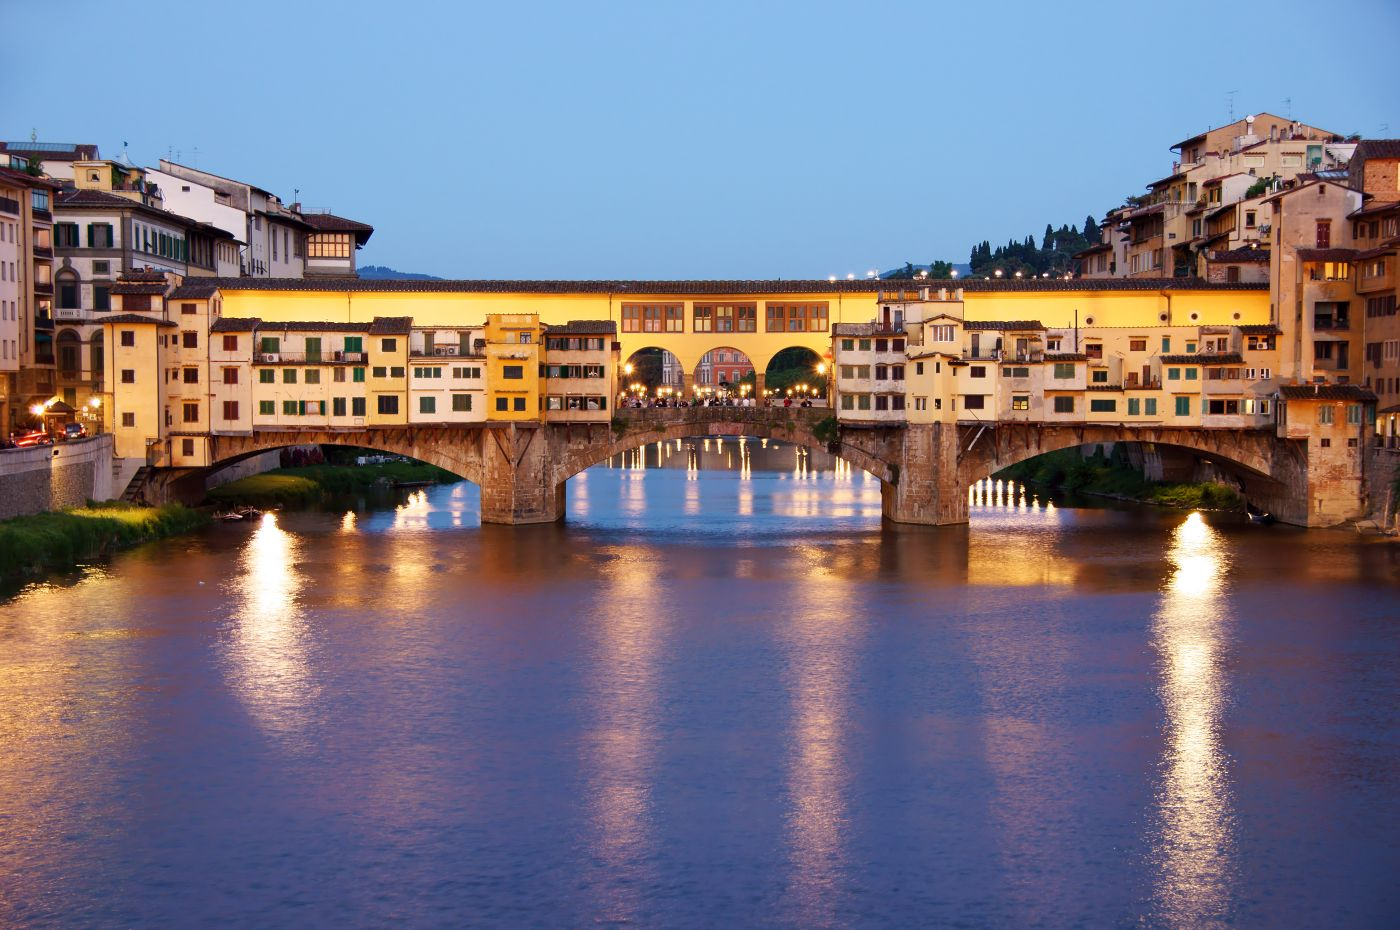 audioguida Il Ponte Vecchio